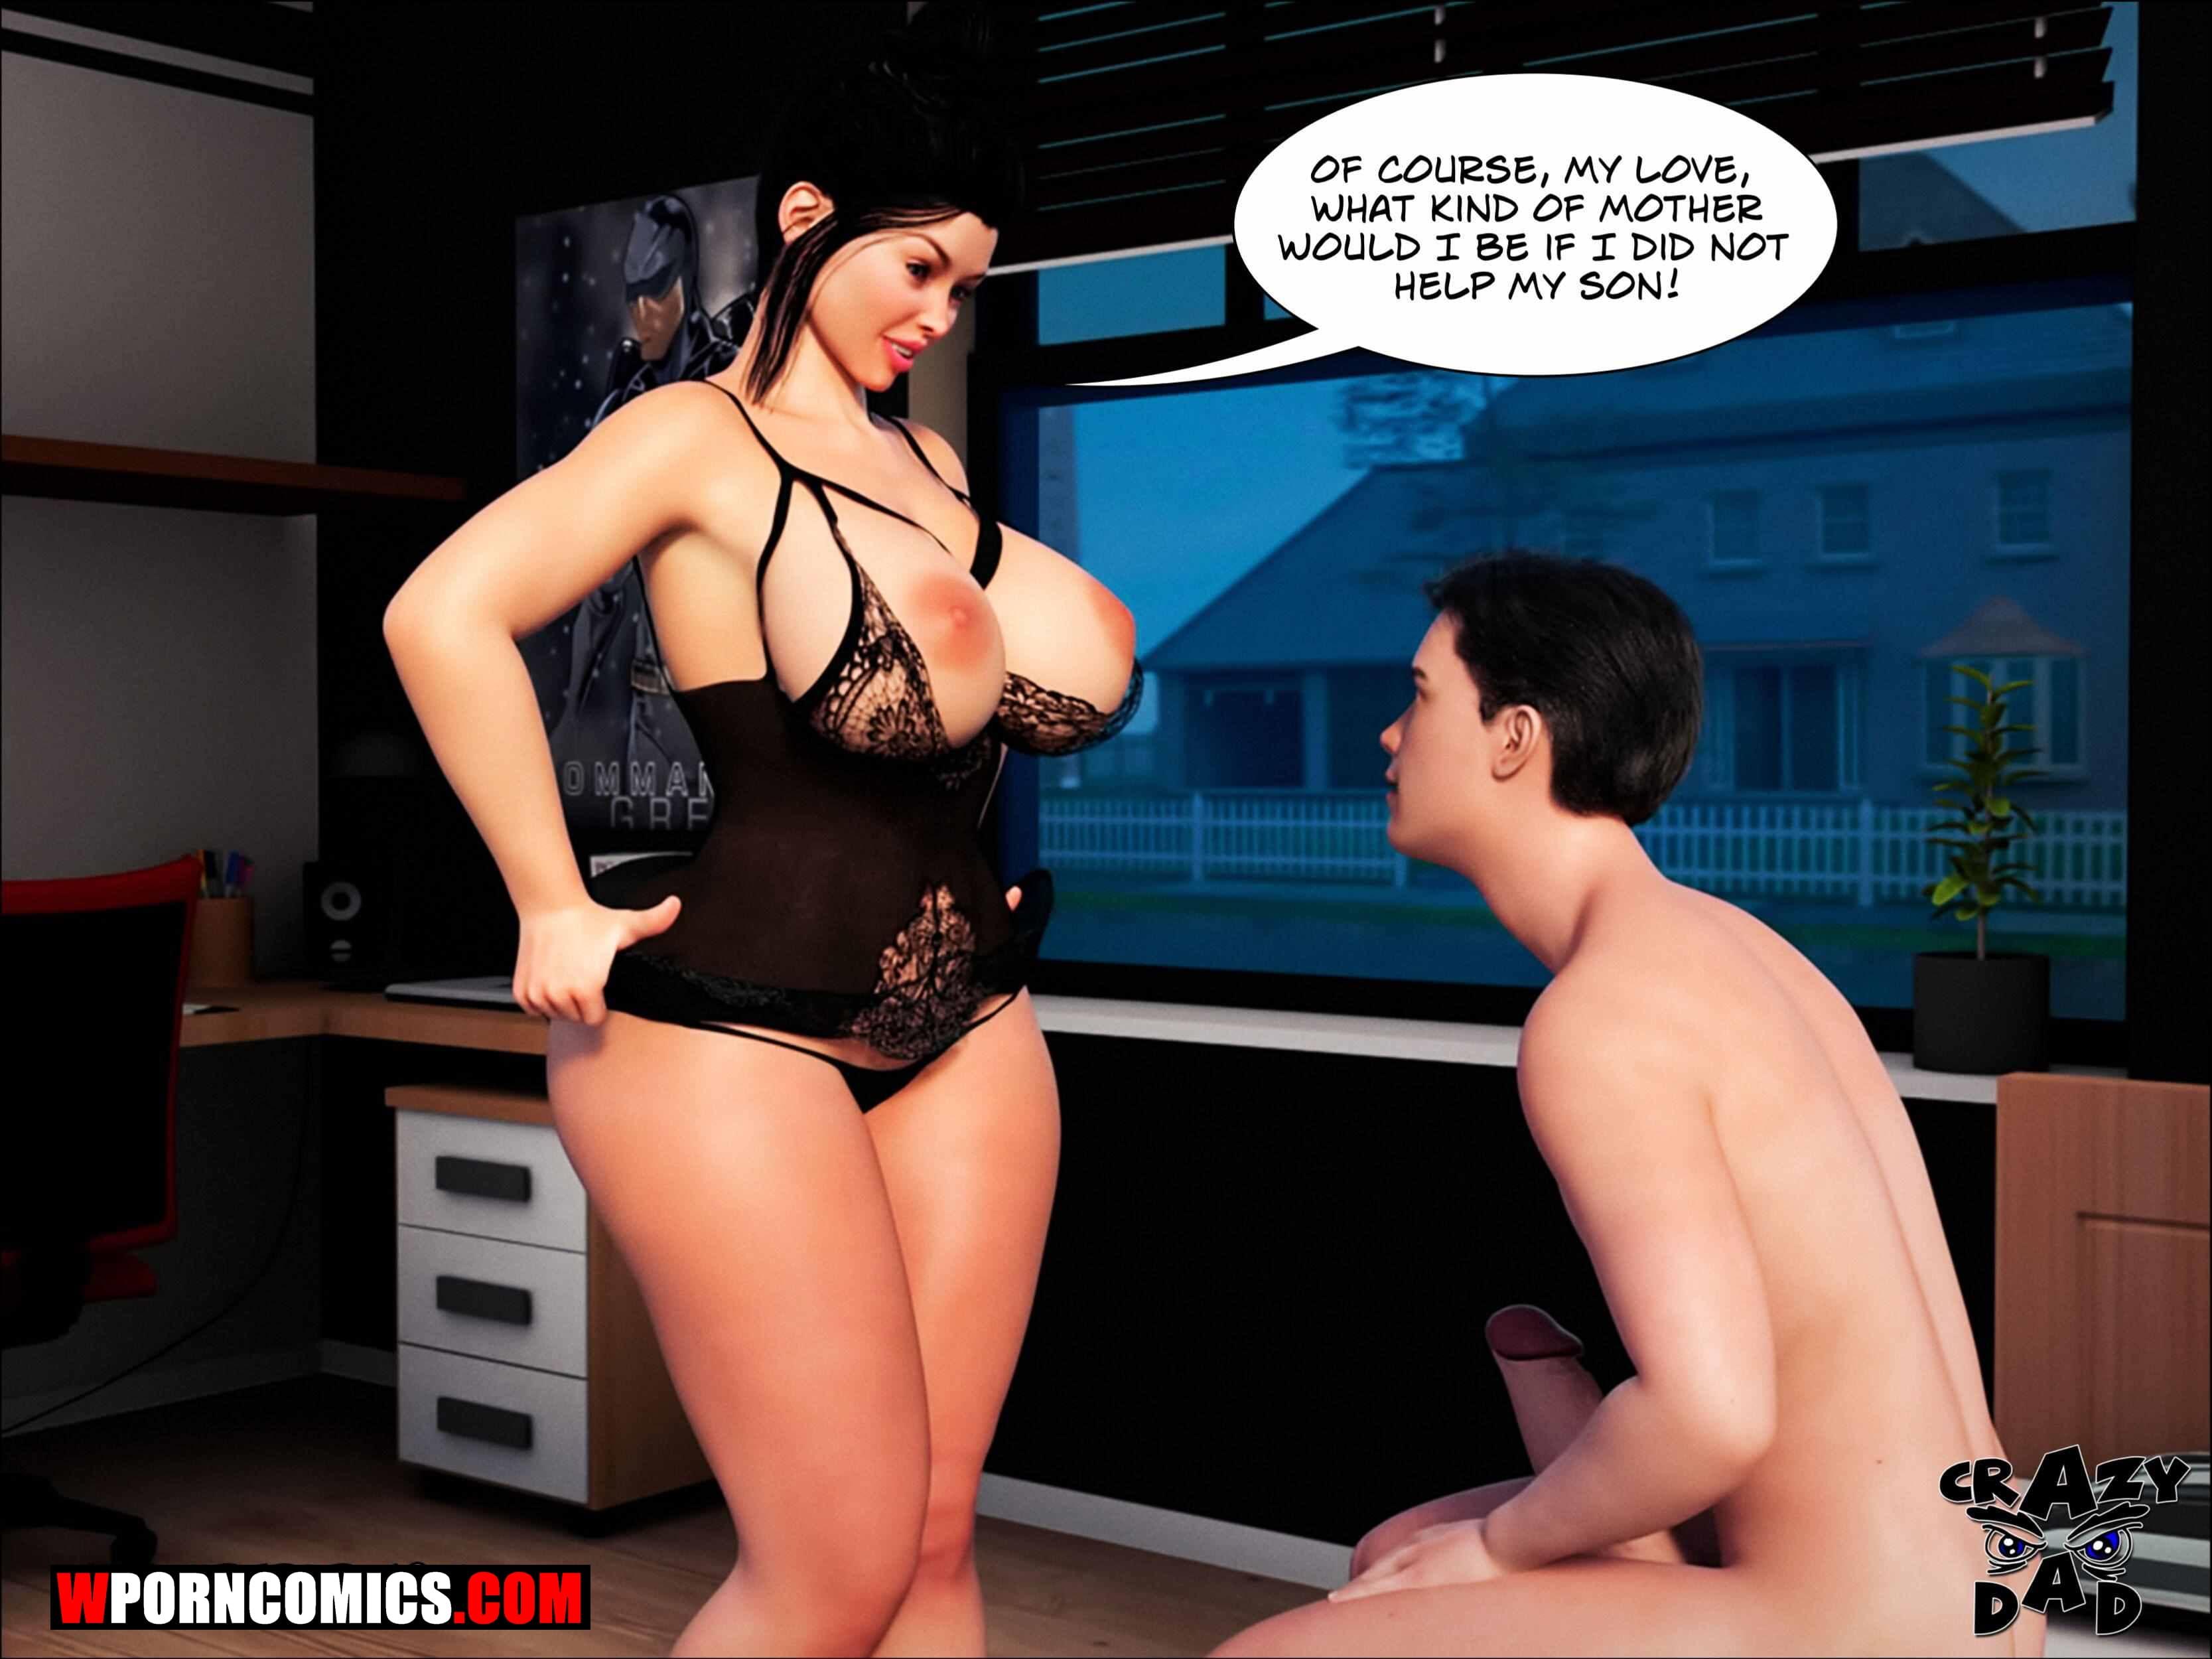 porn-comic-moms-help-part-3-2020-01-20/porn-comic-moms-help-part-3-2020-01-20-15150.jpg